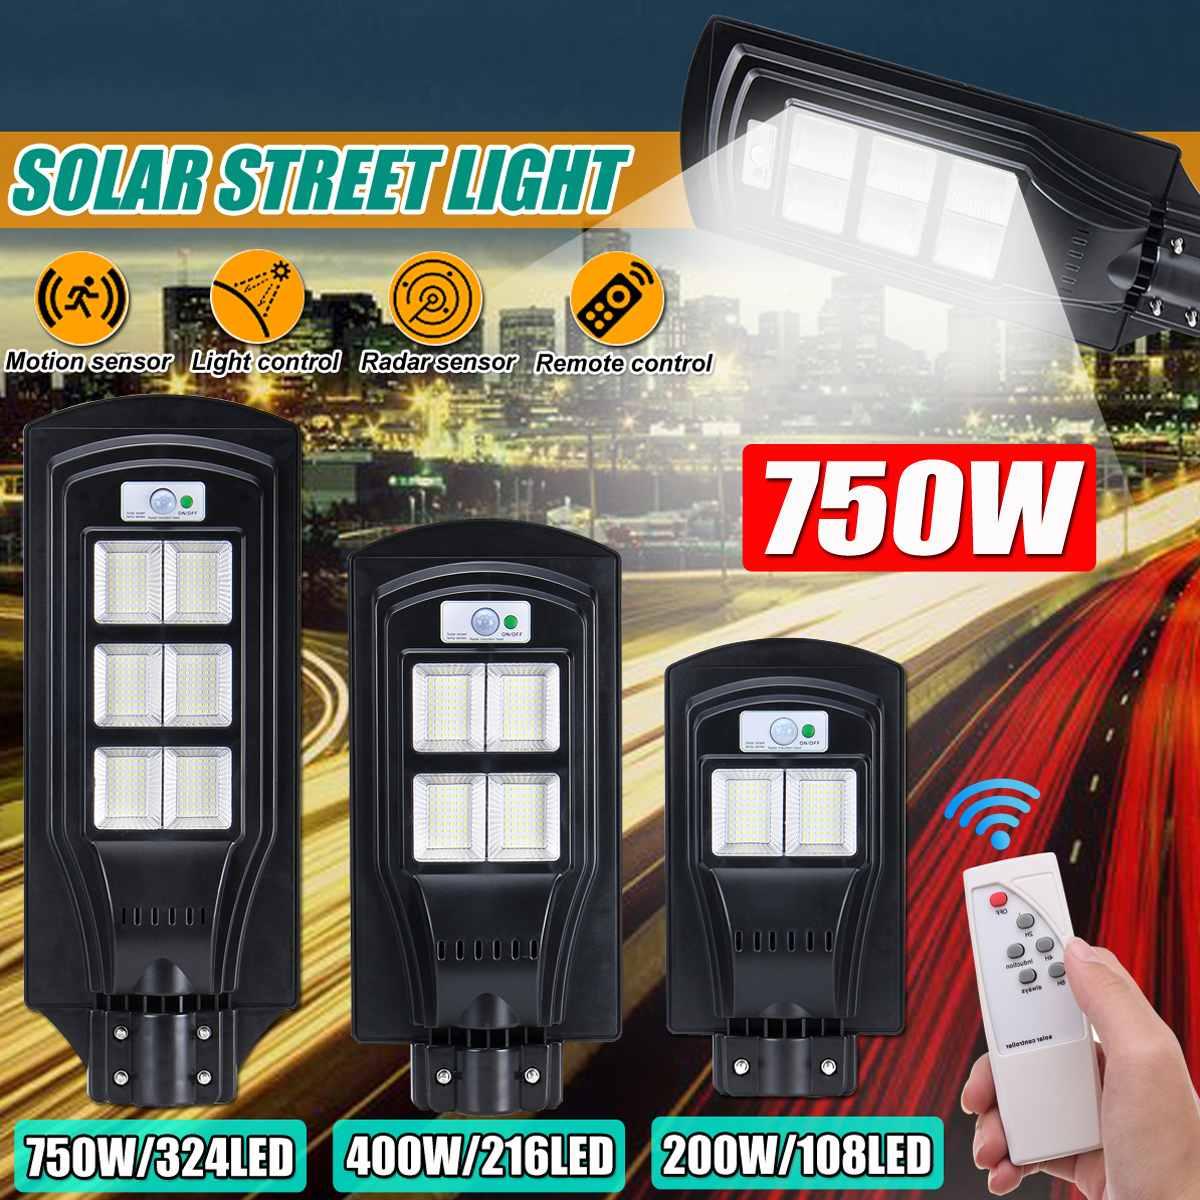 جديد مصباح شارع شمي led إضاءة خارجية مقاومة للماء 200 واط/400 واط/750 واط رادور الحركة الجدار الخفيفة مع RC لحديقة ساحة بلازا